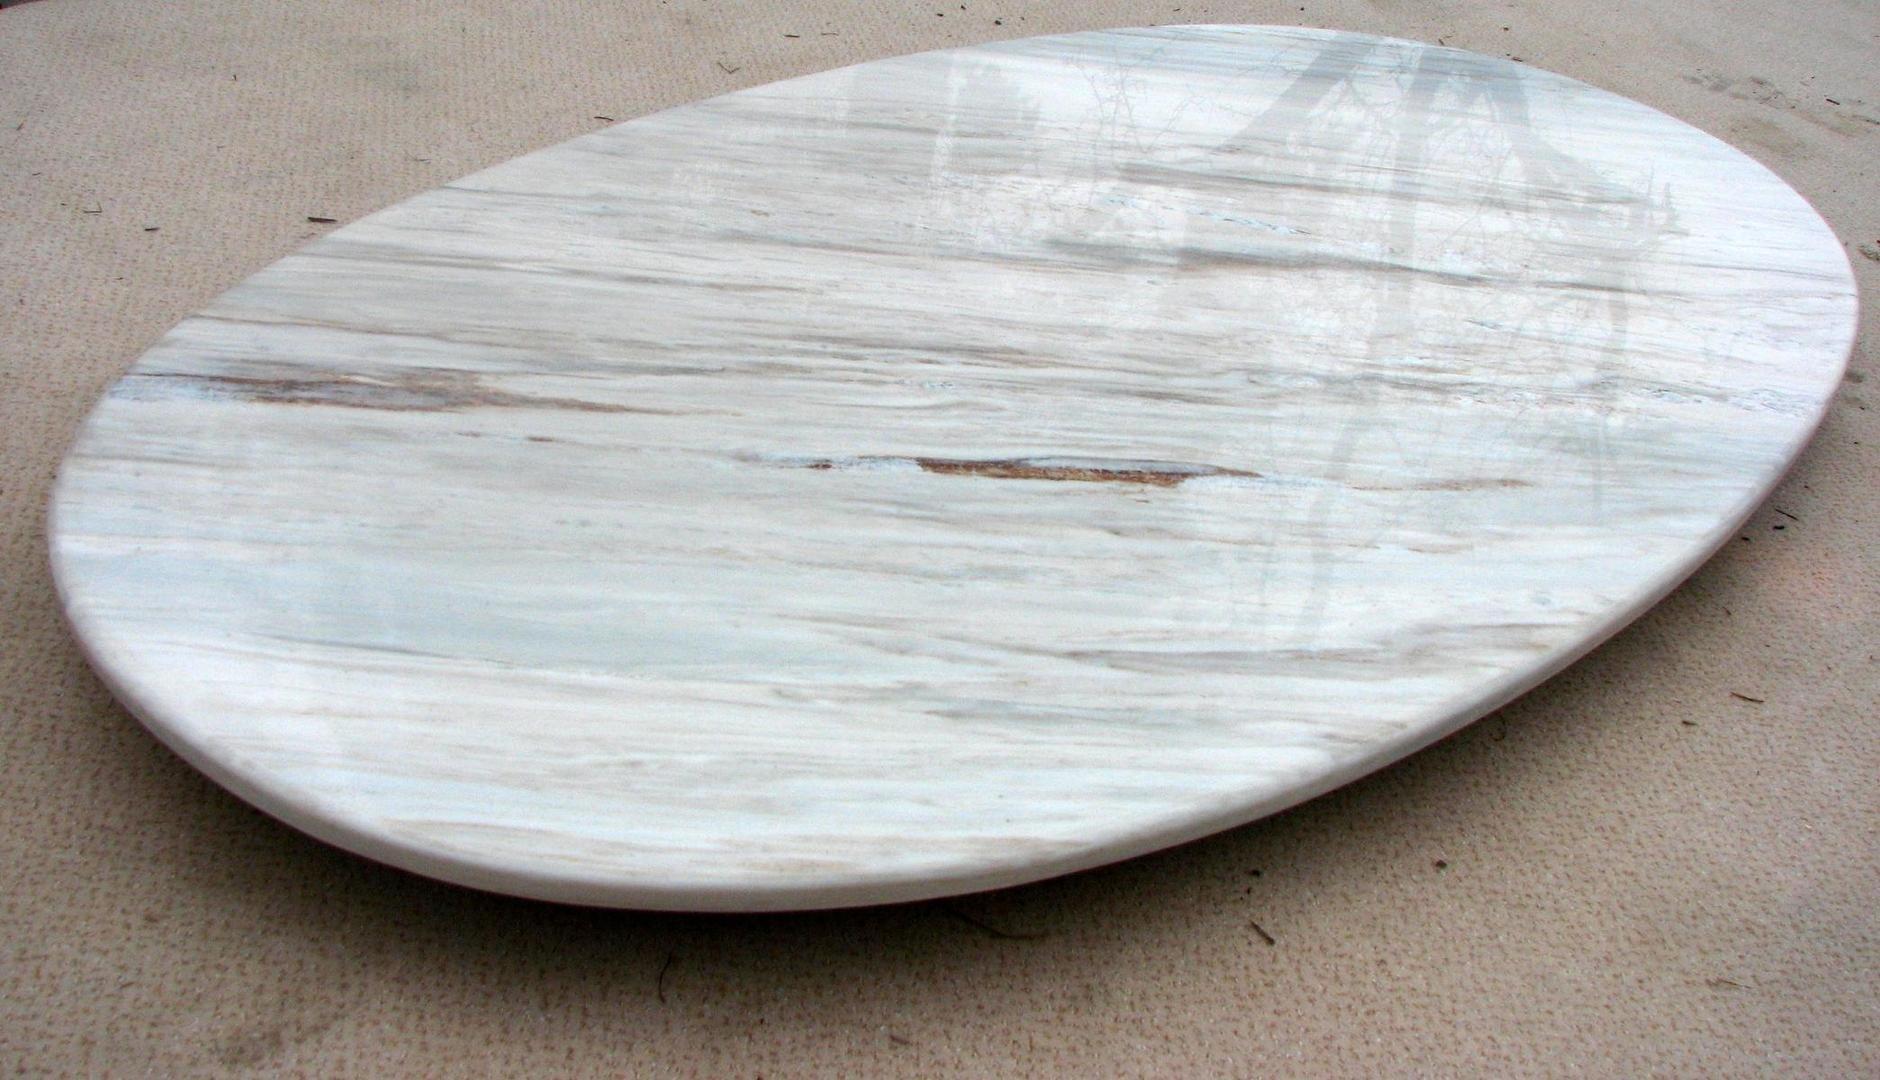 Bild ovale marmorplatte f r couchtisch for Couchtisch marmorplatte